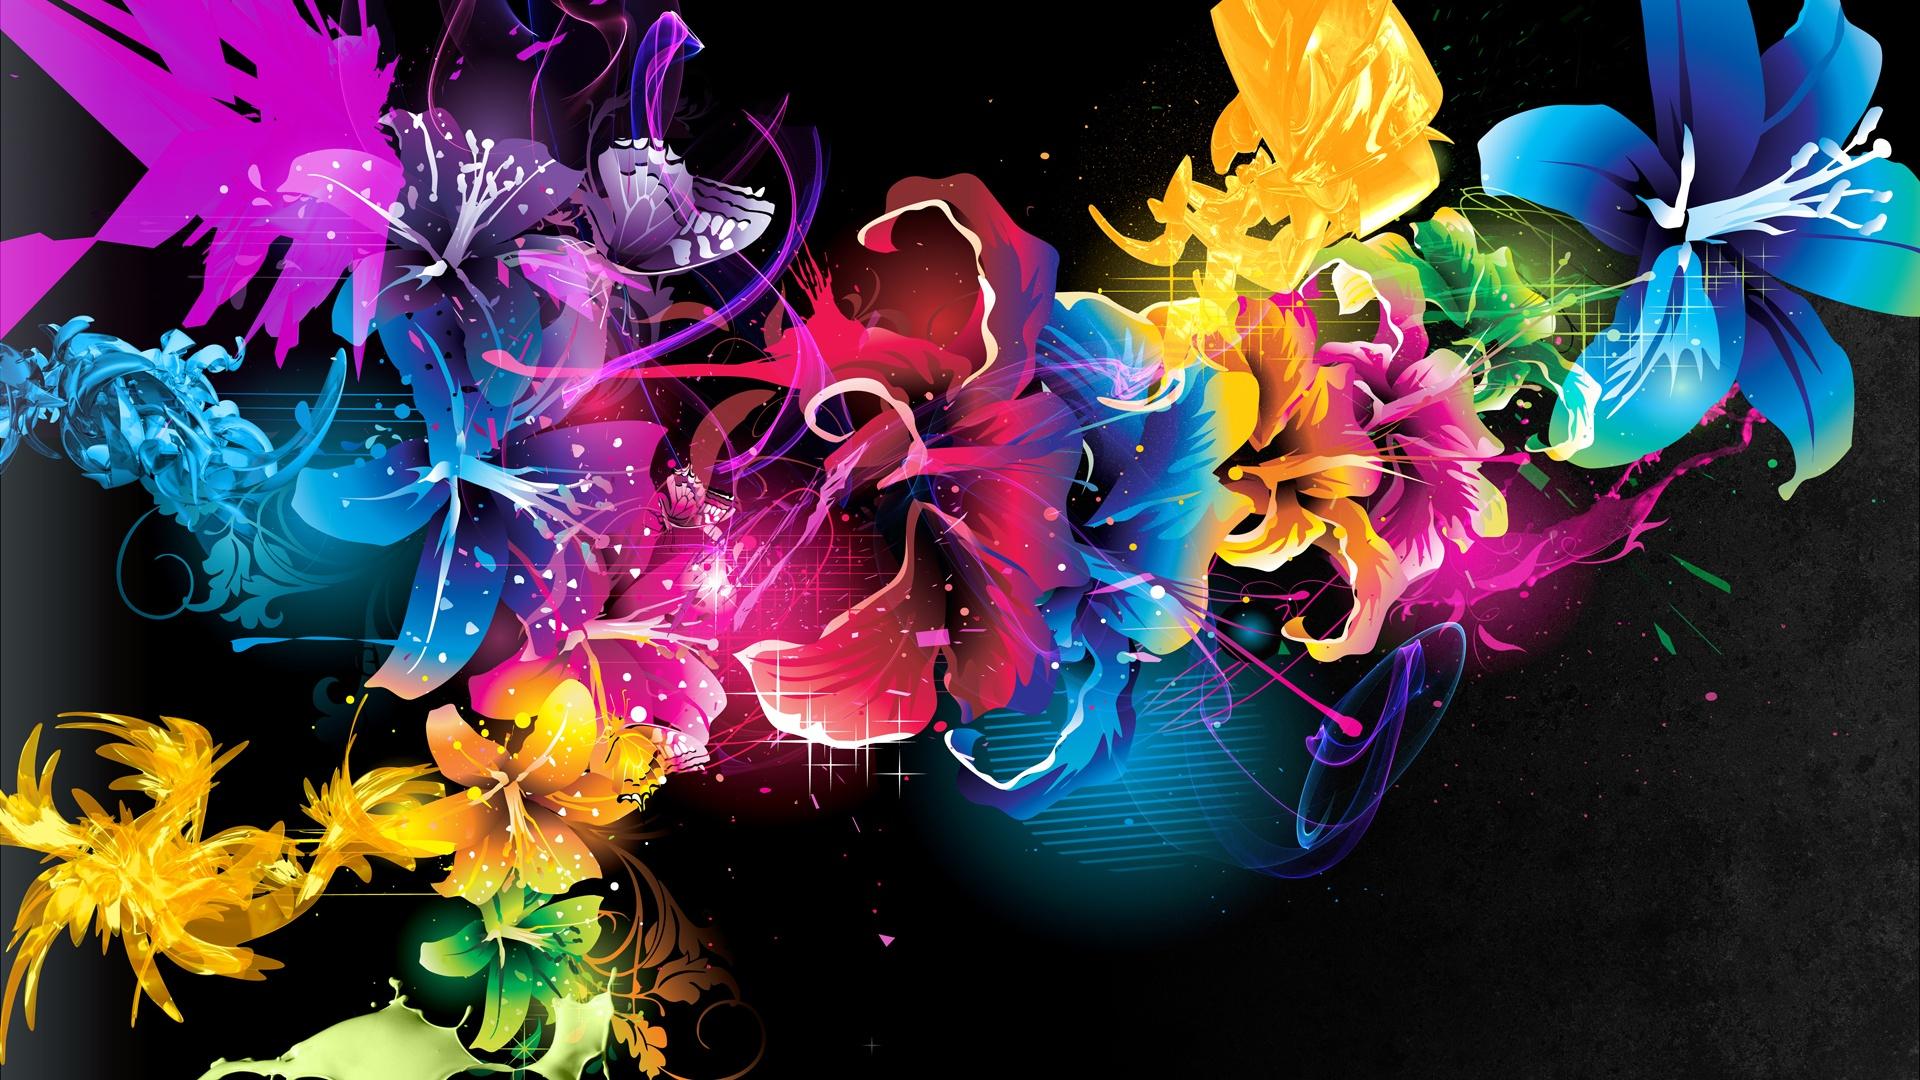 1920x1080 Abstracto Full Hd 1920x1080: Patrones Abstractos Líneas De Colores Las Flores Fondos